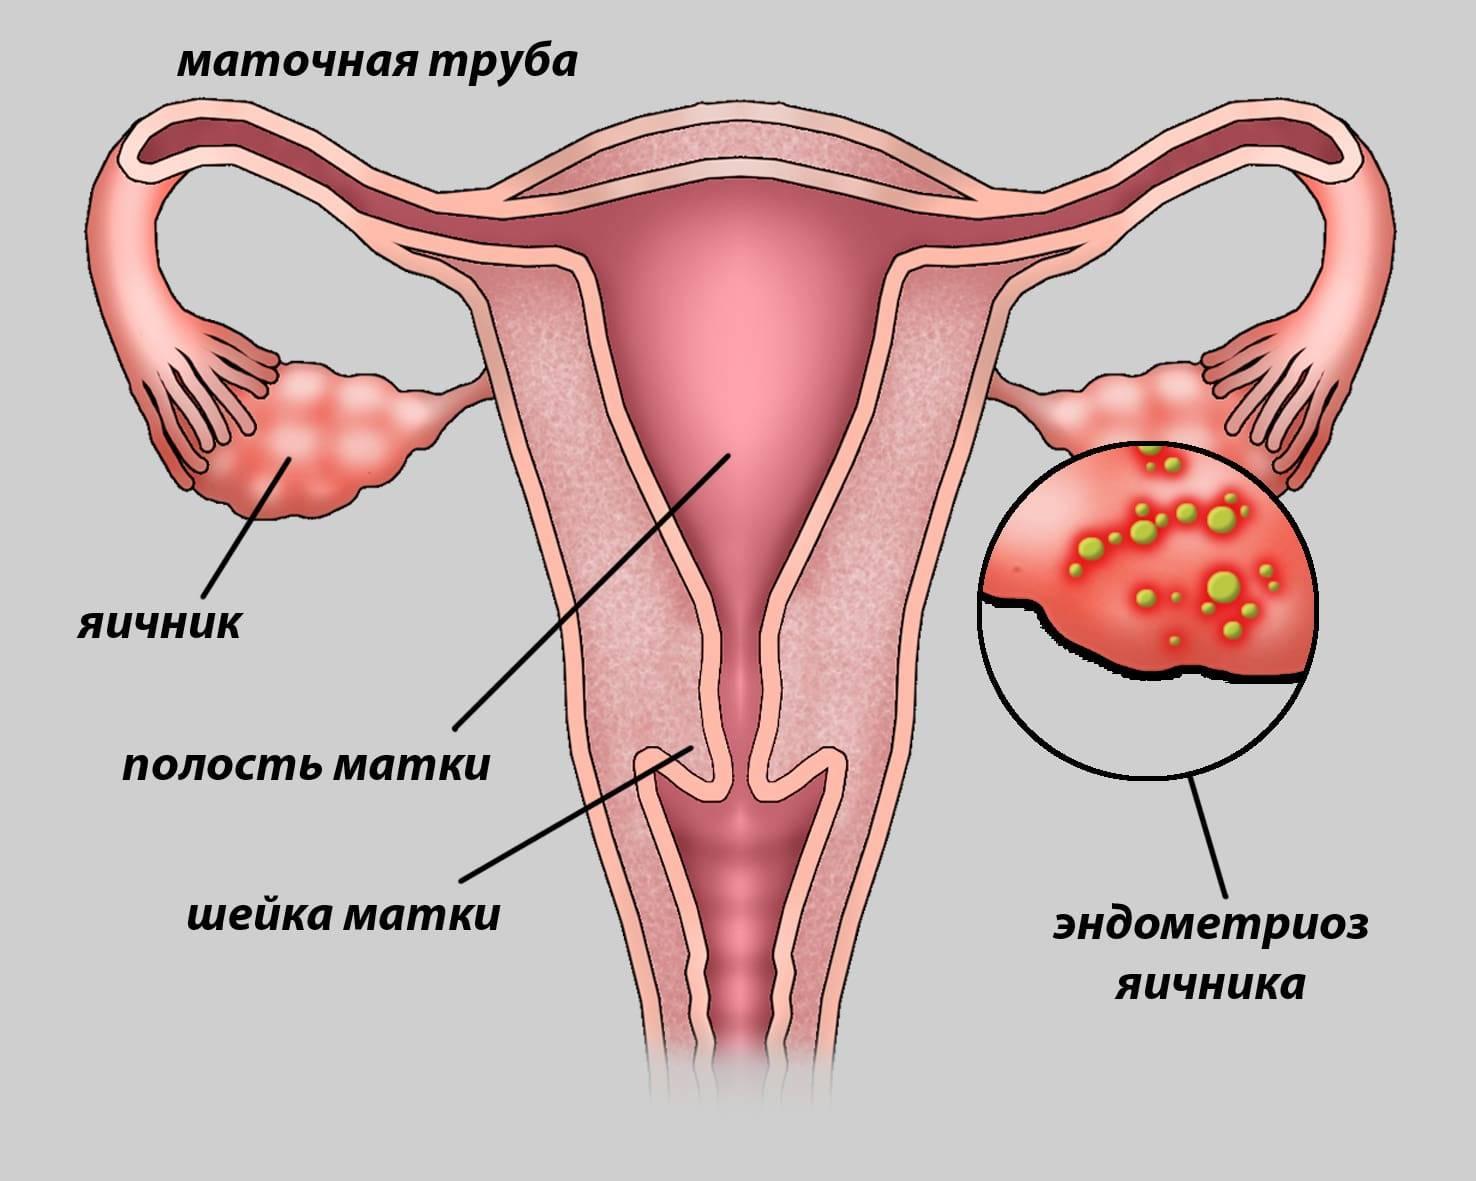 Эндометриоз шейки матки: что это такое, лечение, симптомы, признаки, причины, стадии